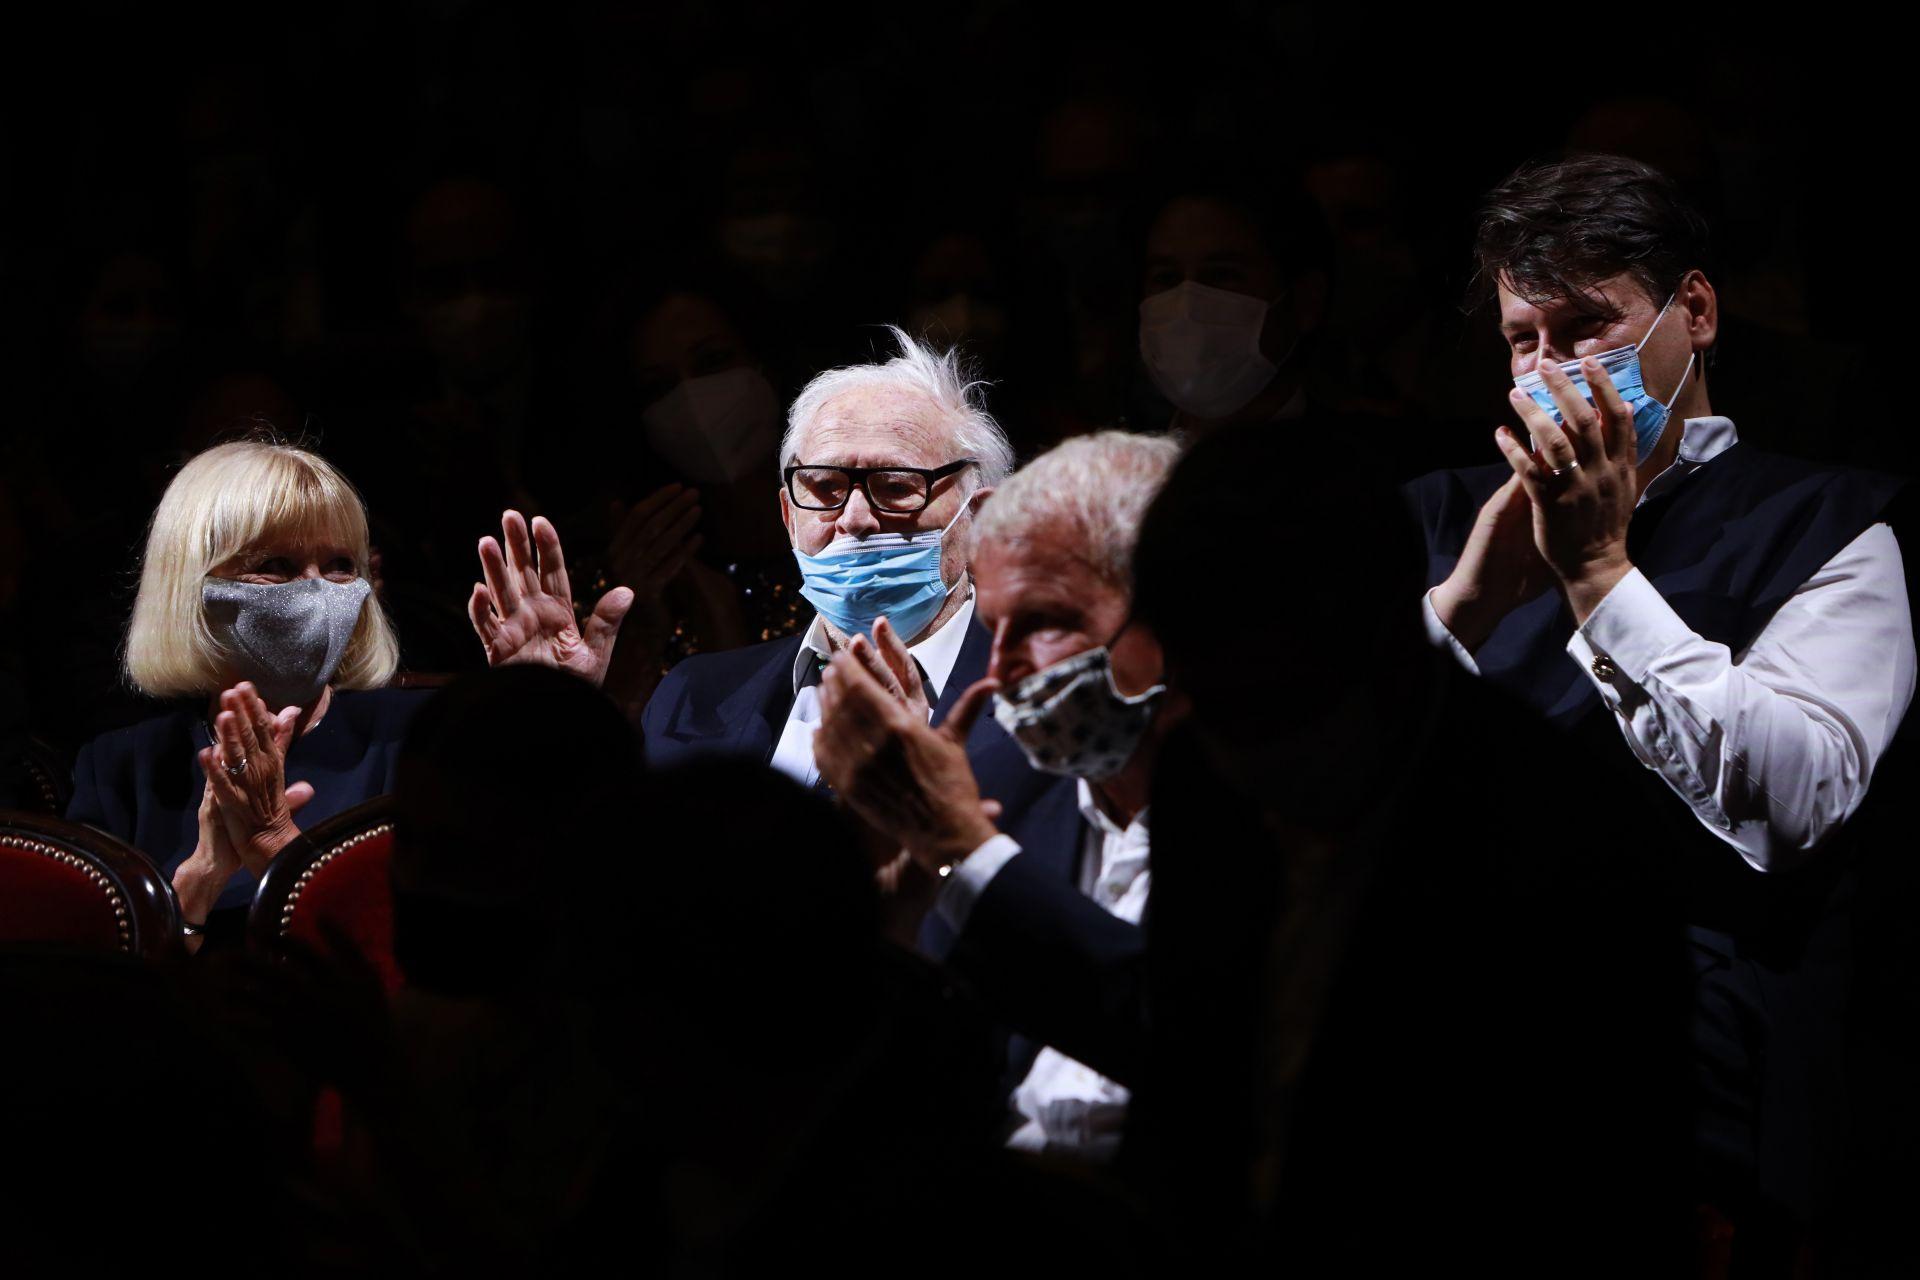 21 септември 2020 г. - Една от последните му снимки - Пиер Карден е аплодиран по време на специална прожекция на посветен за него филм